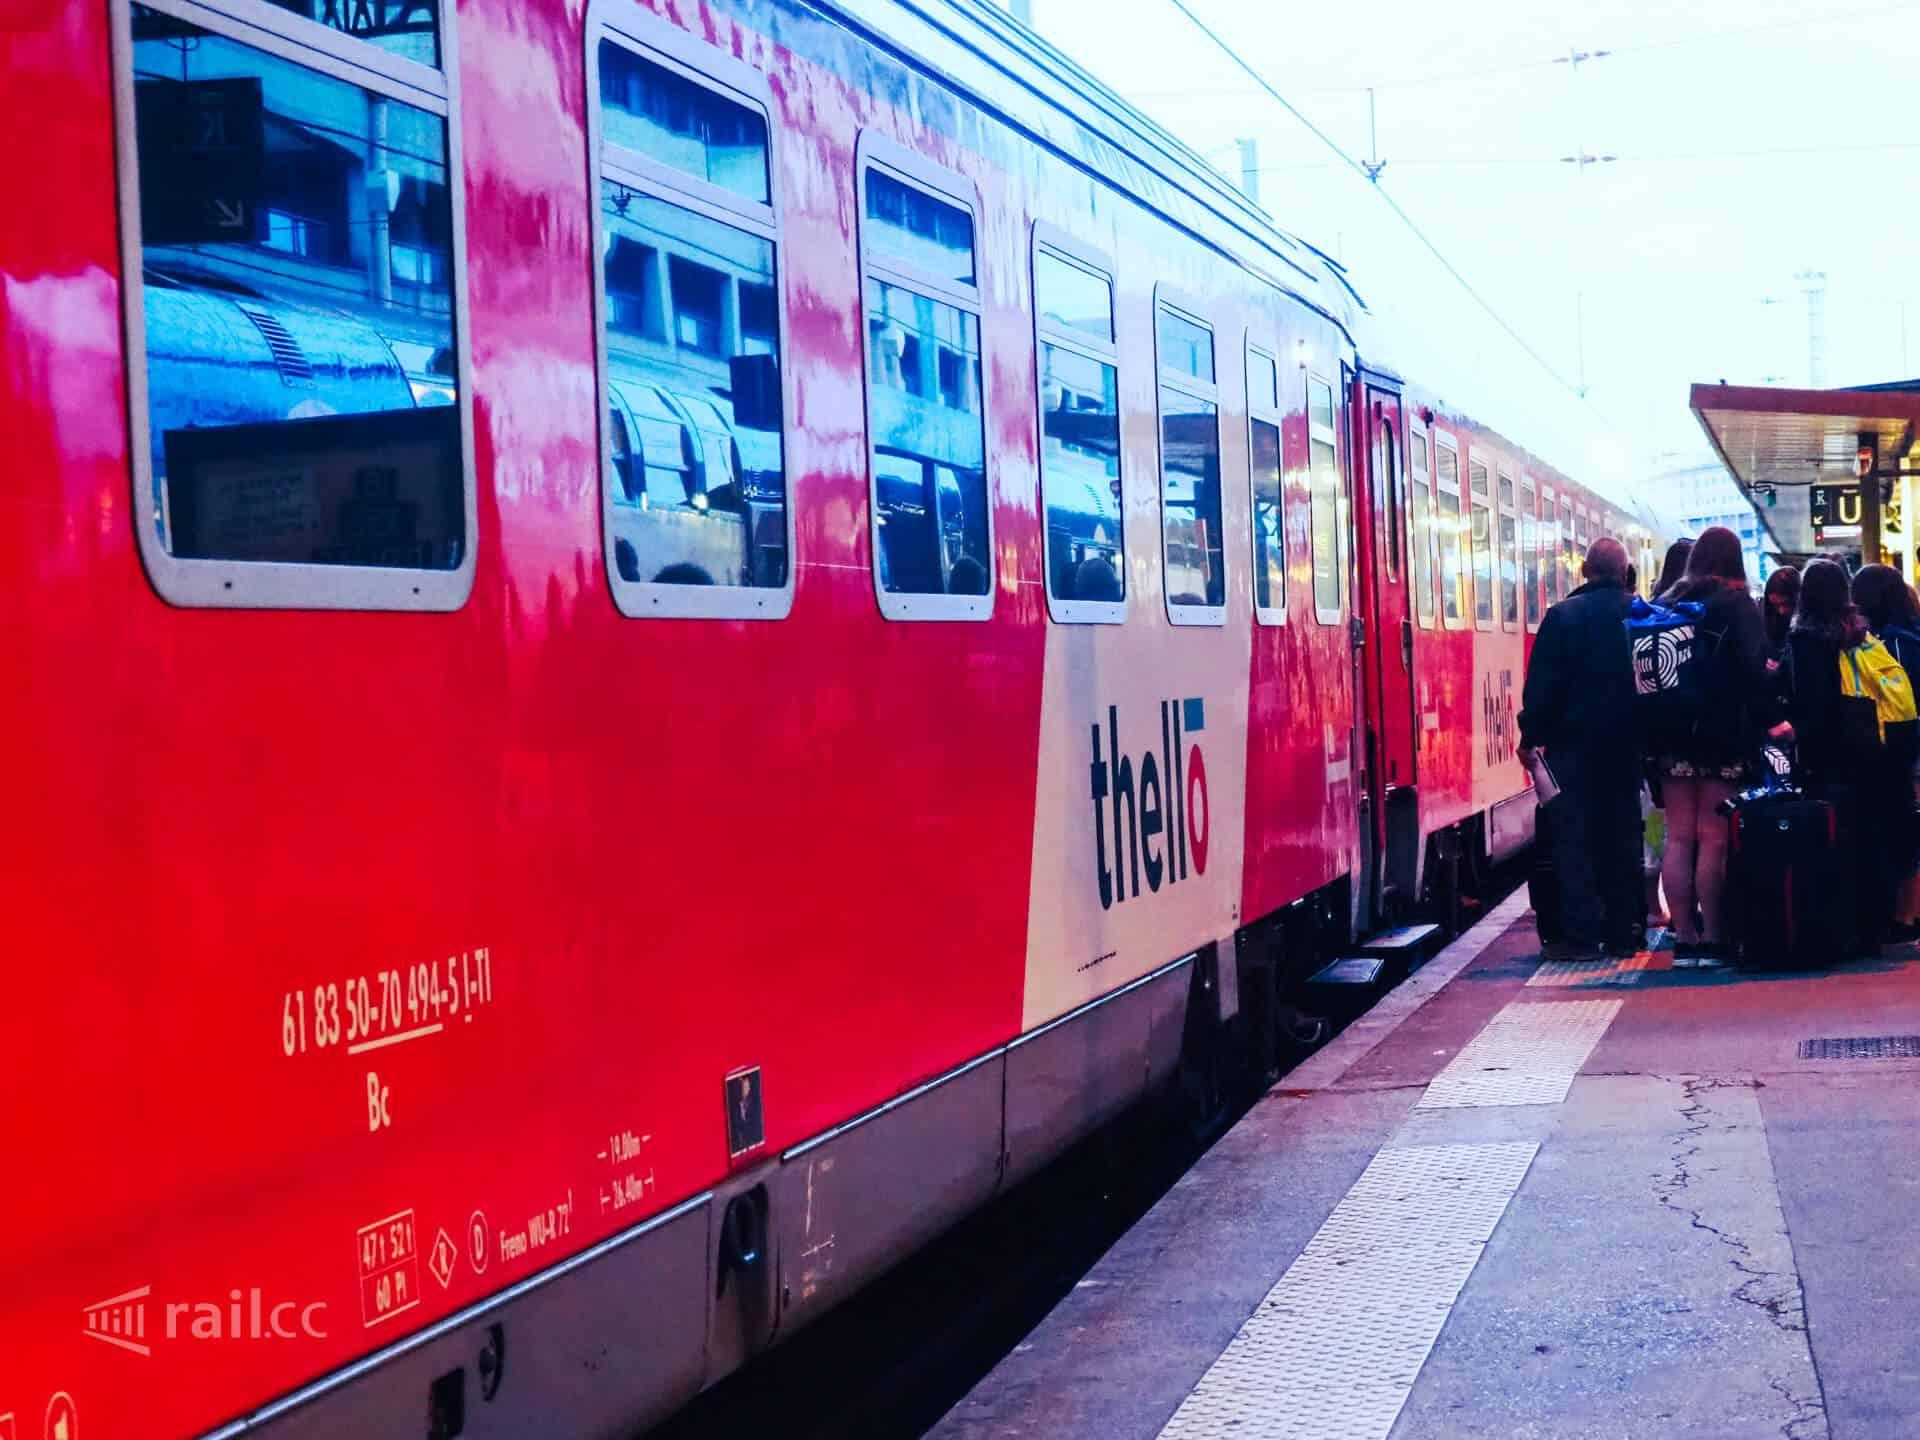 Der Thello Nachtzug von Paris nach Venedig kurz vor der Abfahrt im Gare de Lyon